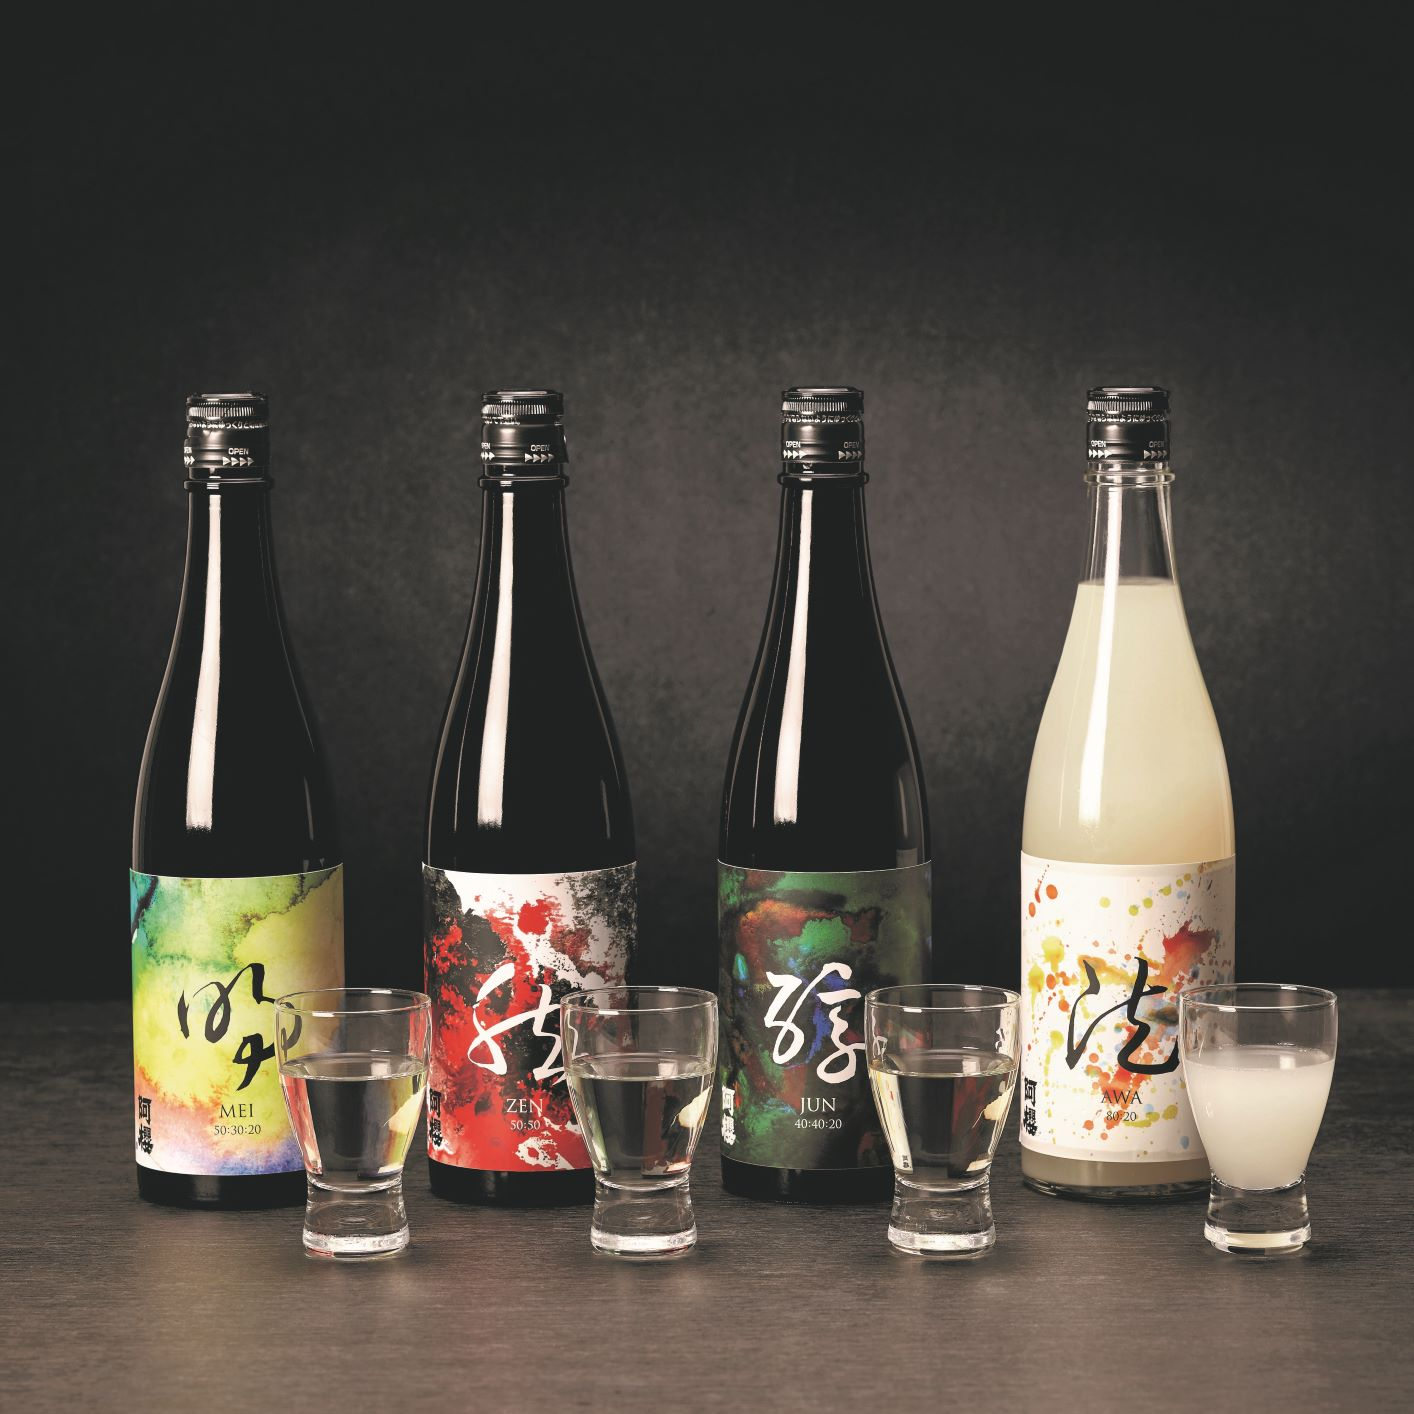 伝統蔵アッサンブラージュ日本酒4本セット(日・阿櫻酒造)(週刊新潮DM紹介)